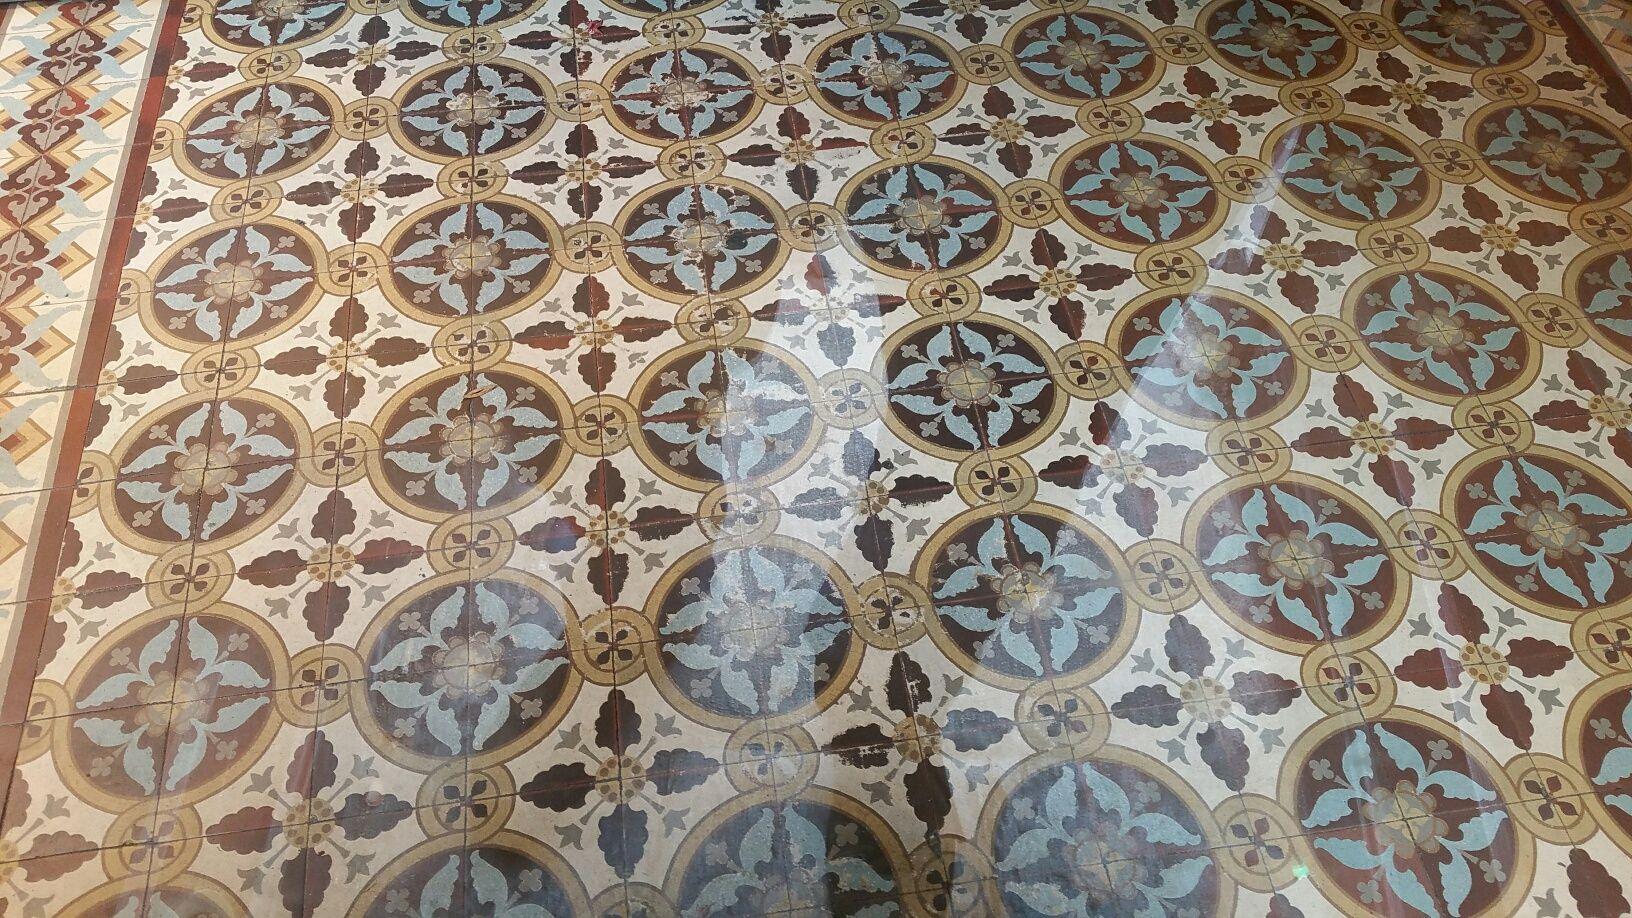 Afbeeldingsresultaat voor vinylvloer met oude vloer motief kozen